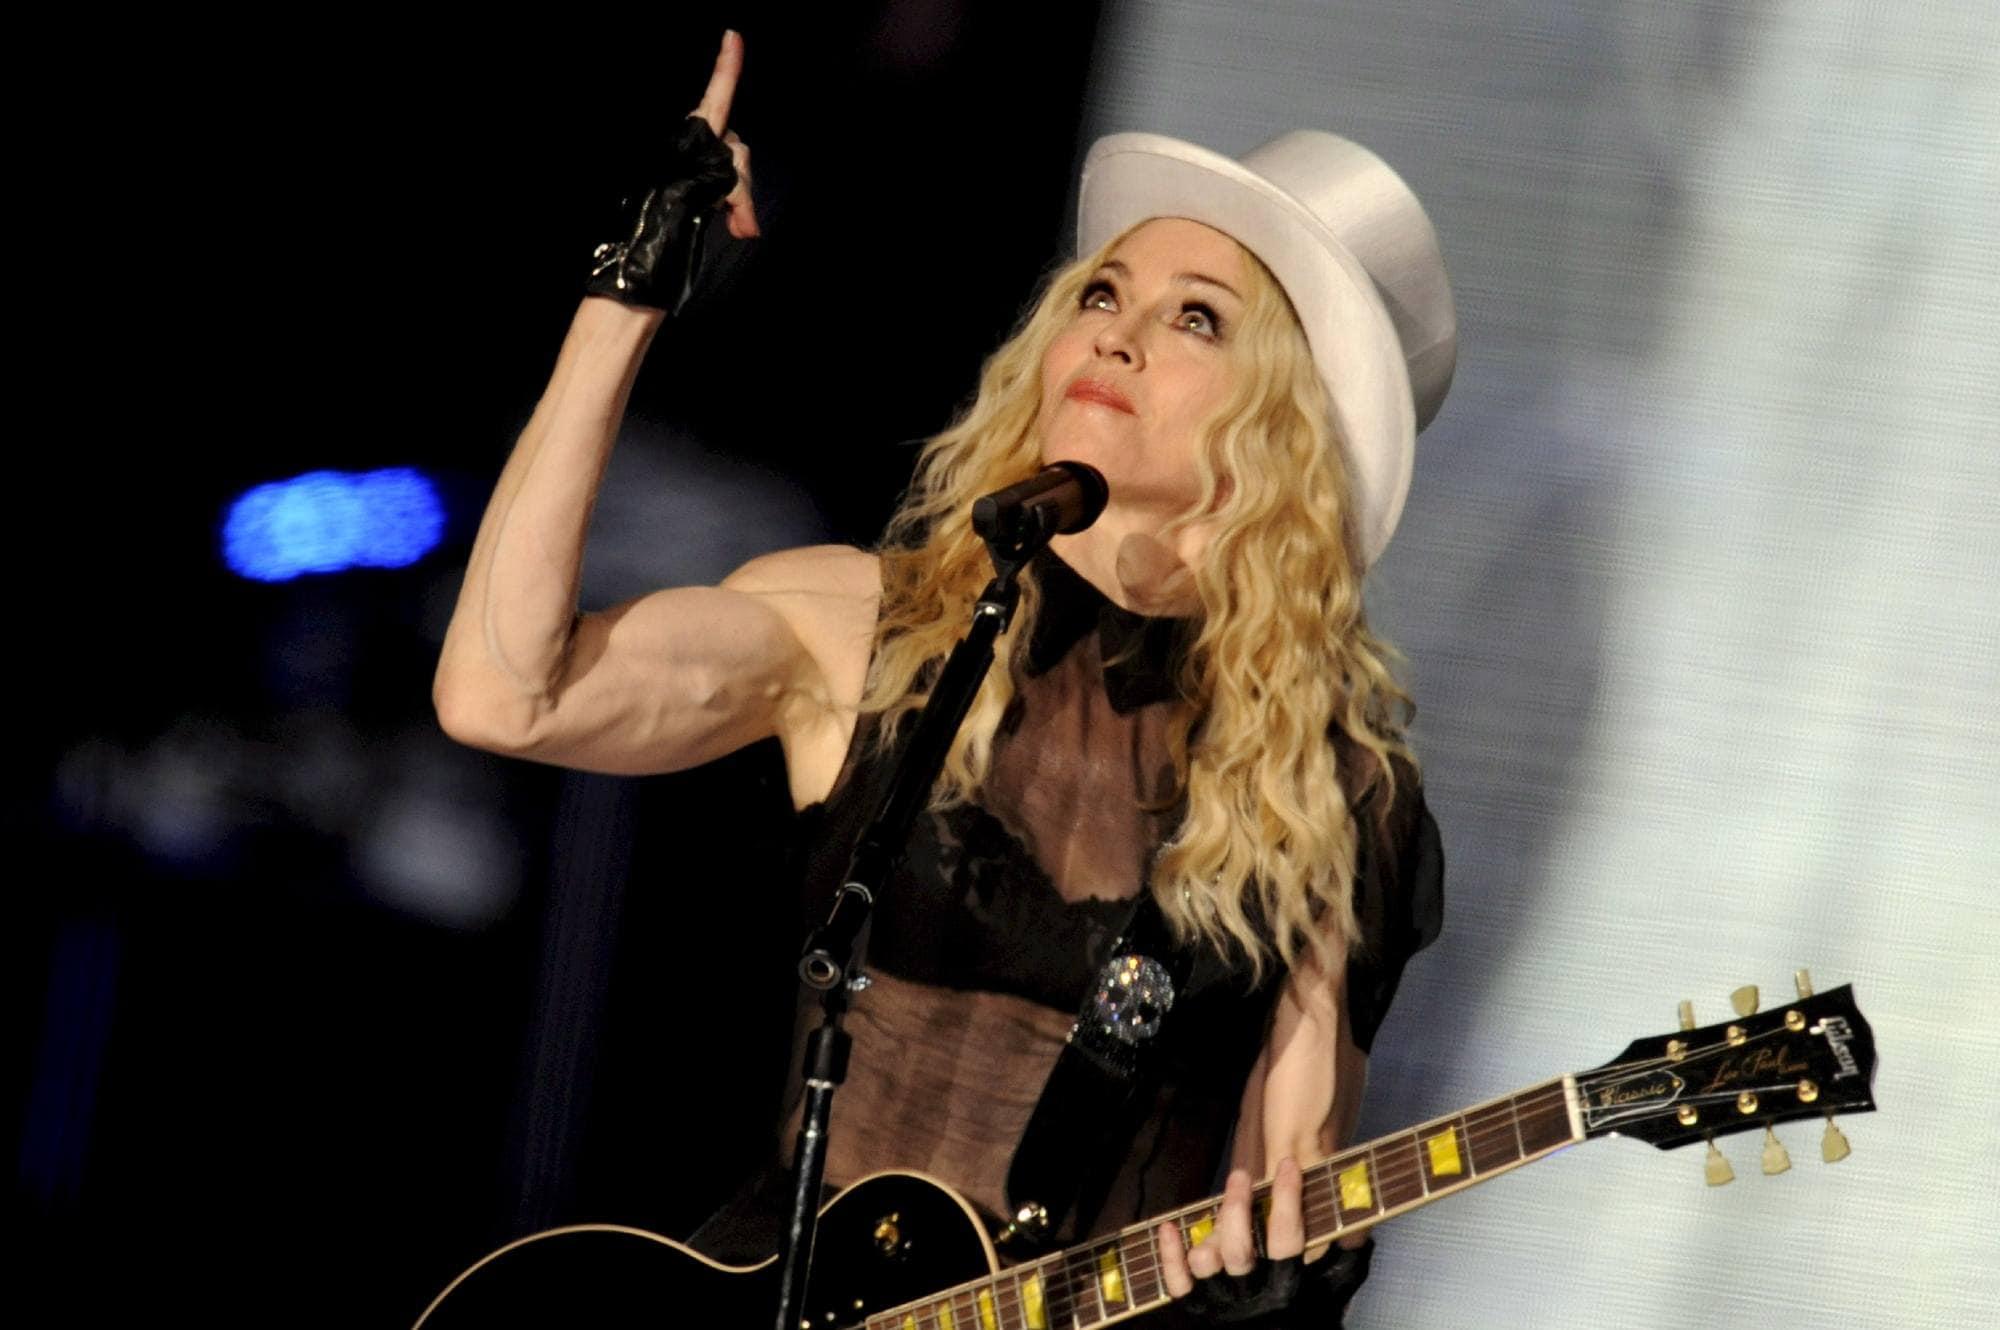 Madonna con pelo rubio ondulado y sombrero